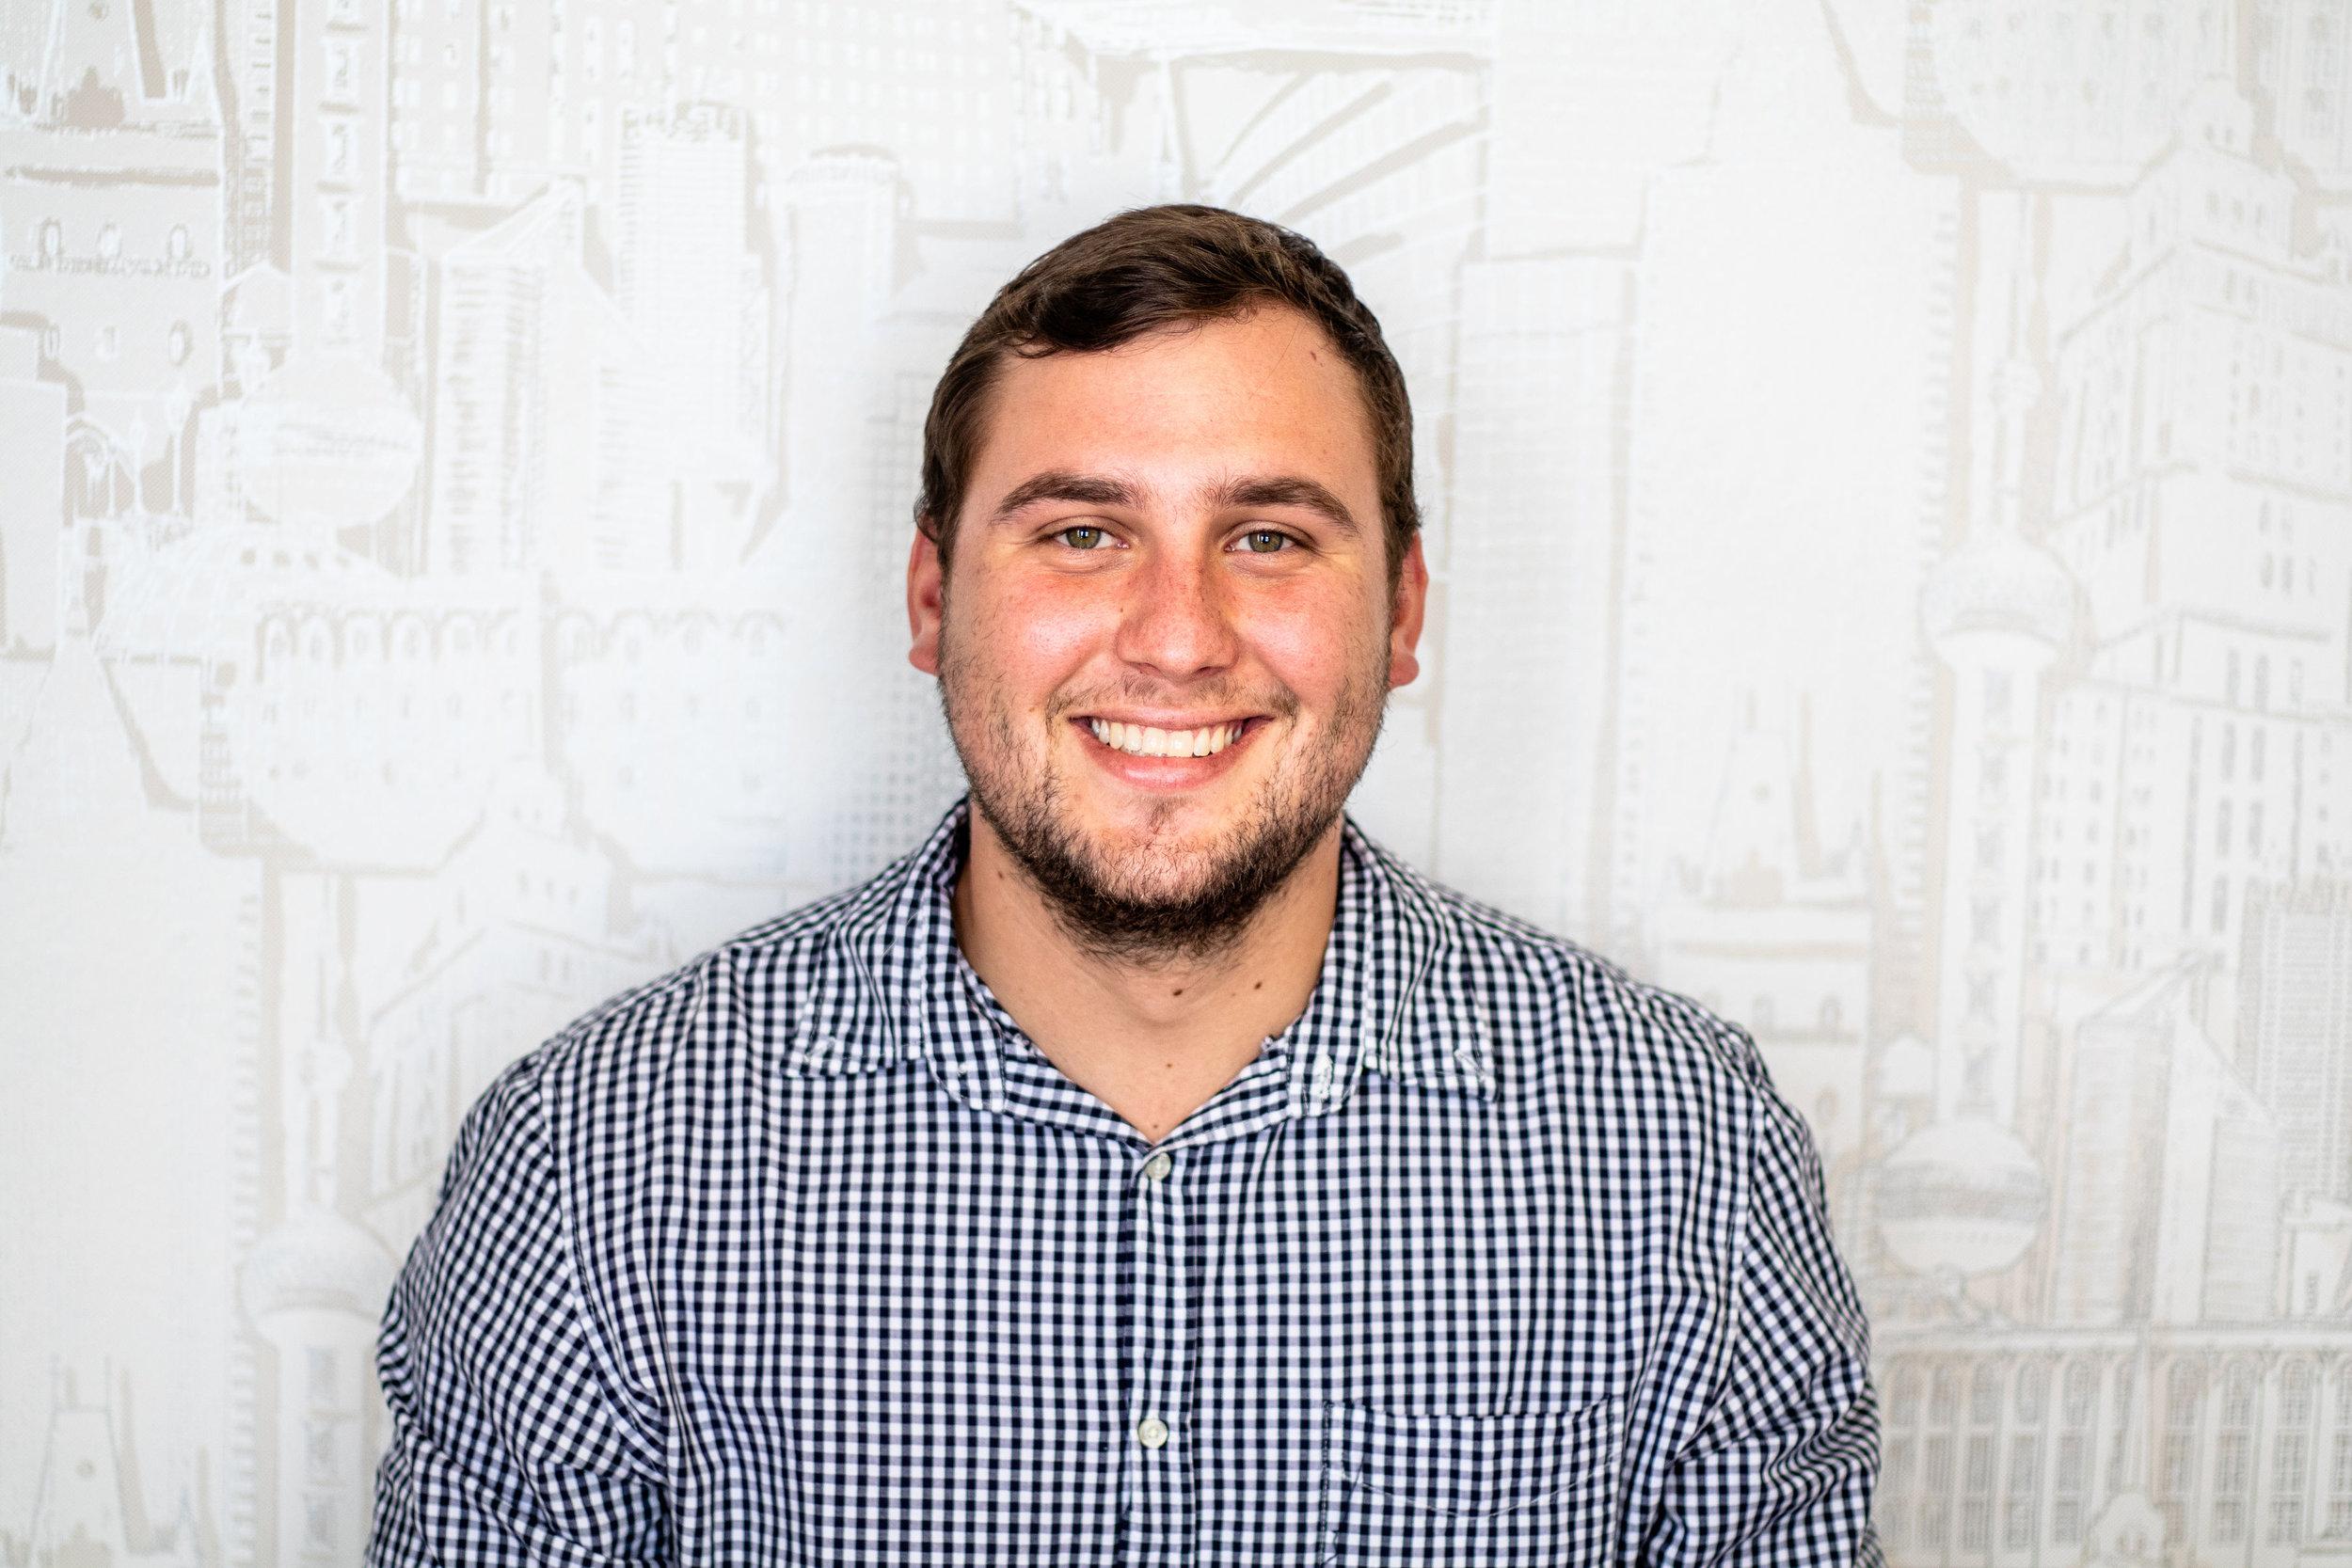 Bennie de Milander - Software Developer